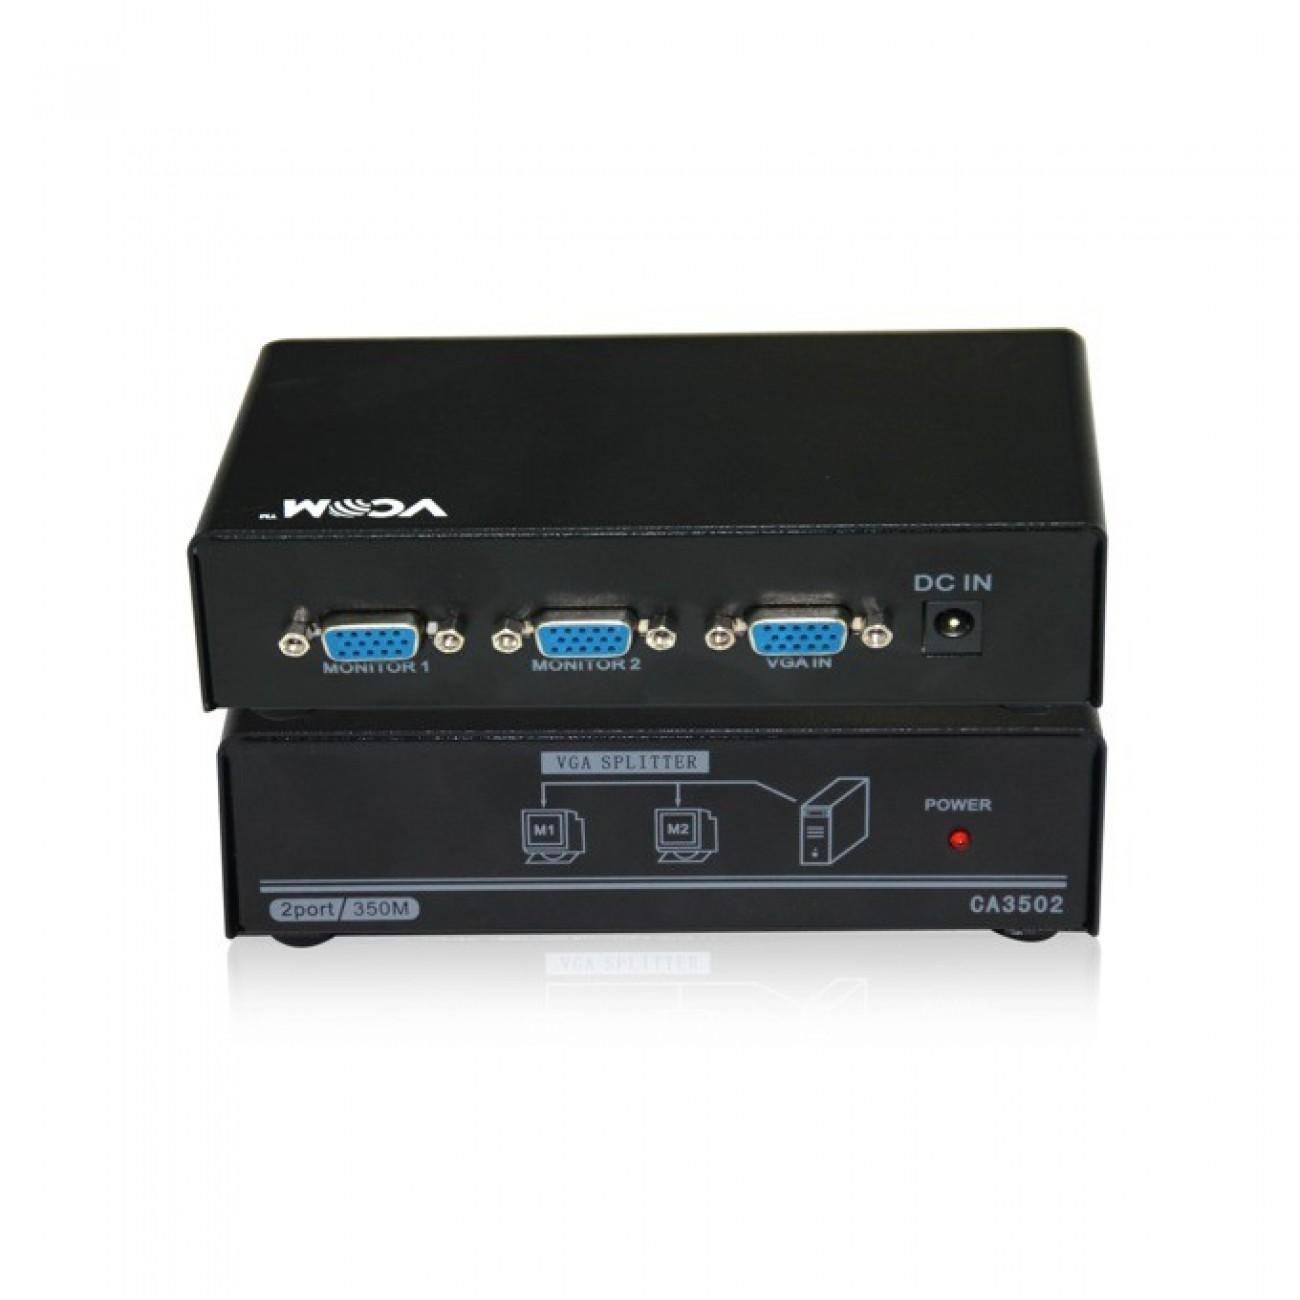 Сплитер VCom DD132, 1x D-Sub вход към 2x D-Sub изхода в KVM сплитери и превключватели -  | Alleop